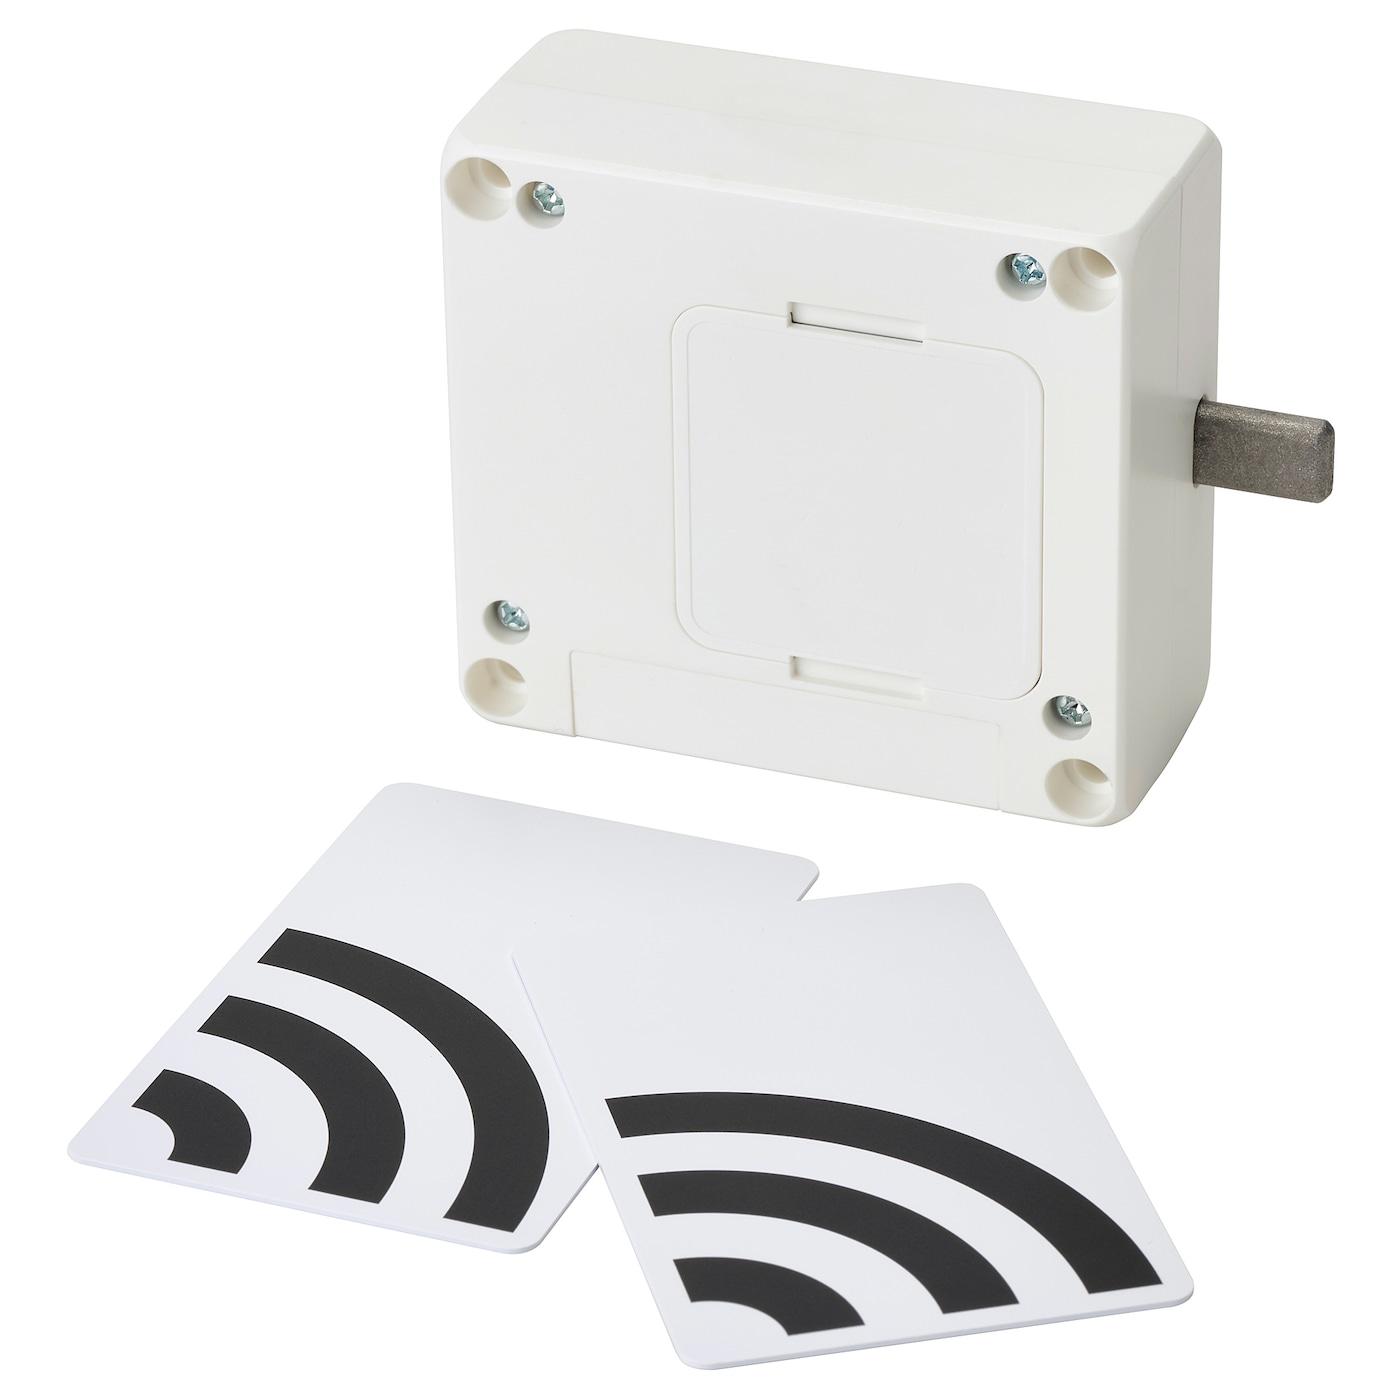 Rothult Smart Lock White Ikea Switzerland